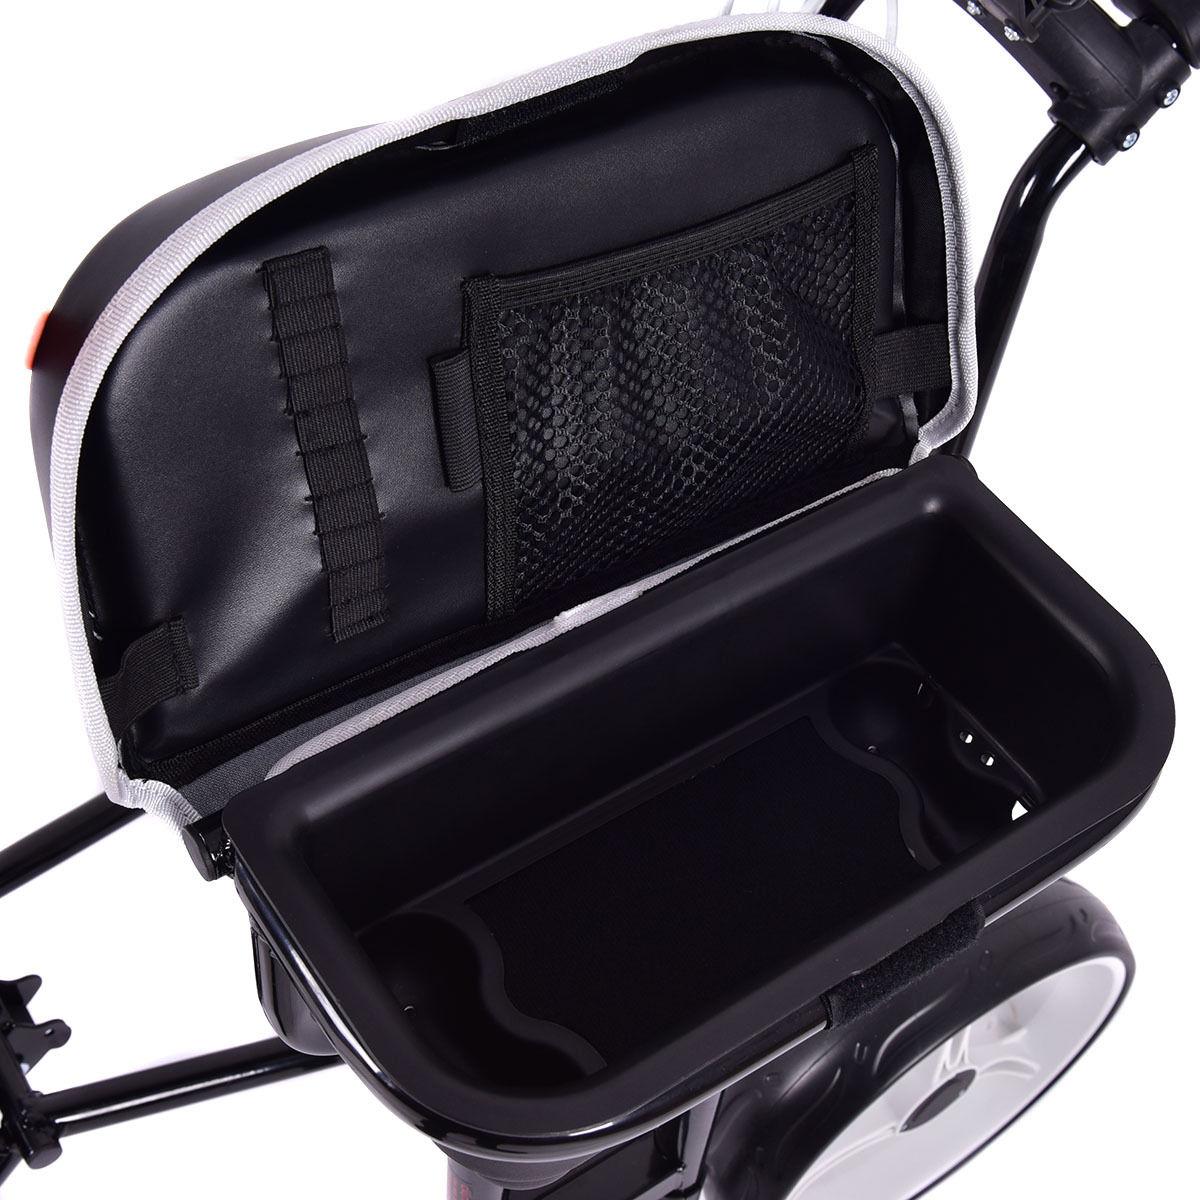 Foldable 3 Wheels Push Pull Golf Club Cart Trolley w/ Stool